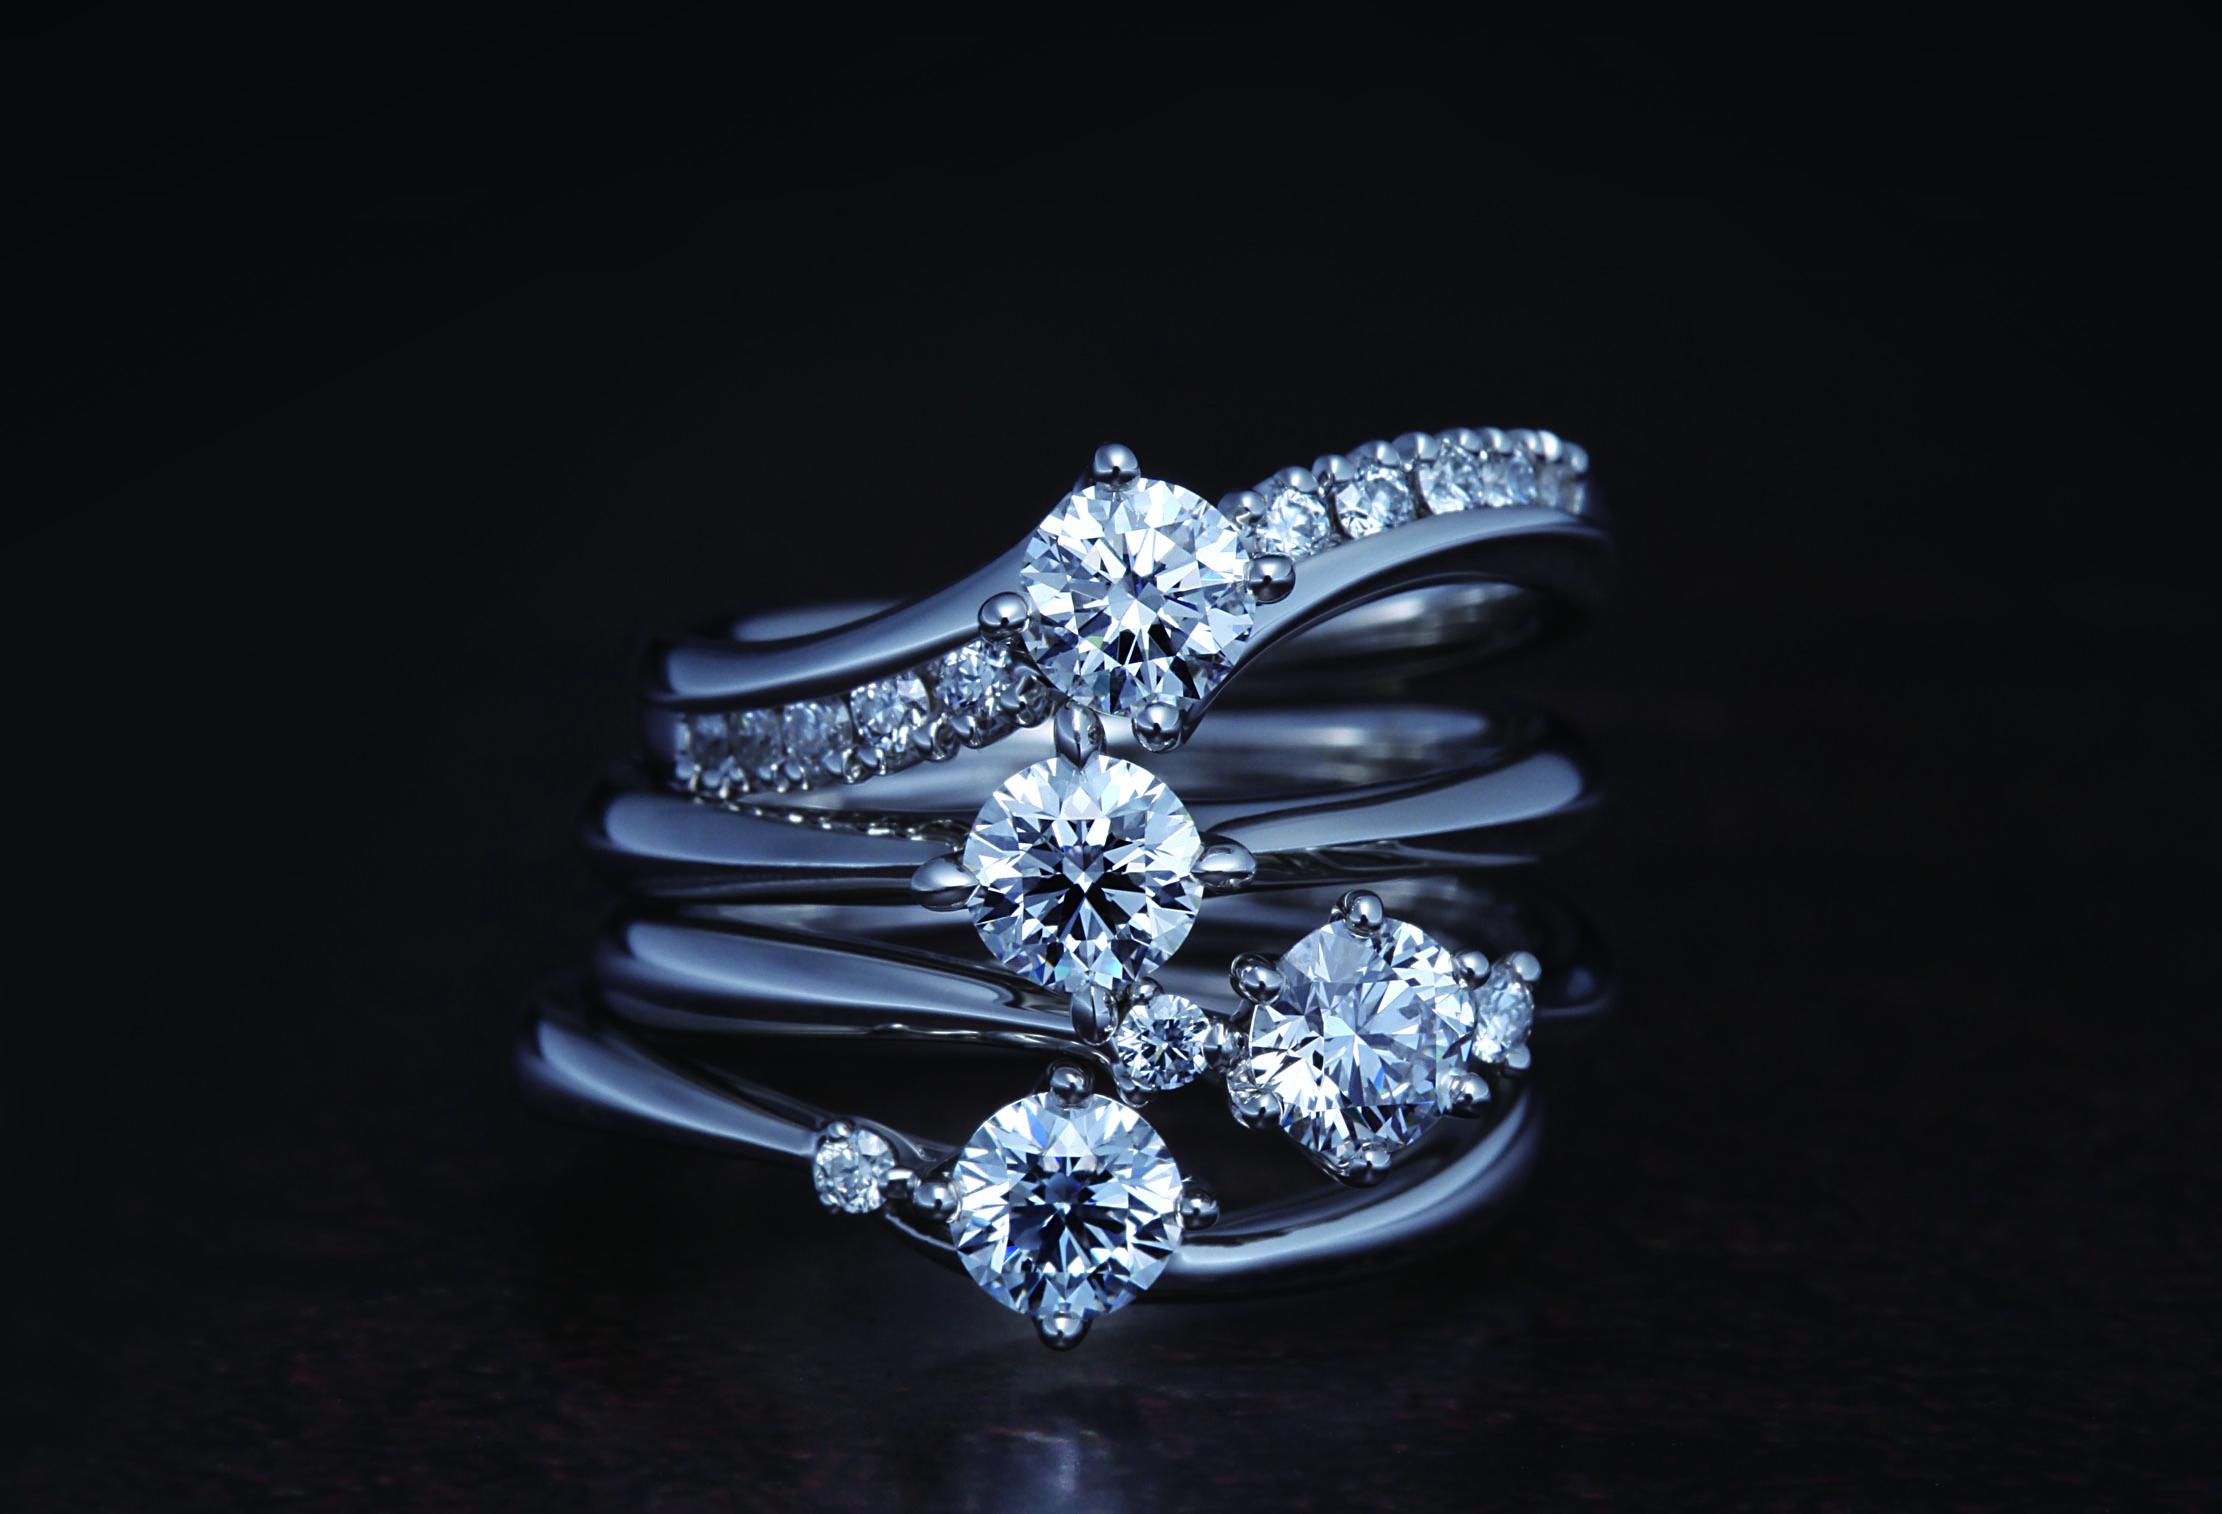 【静岡市】生涯の輝きが始まる瞬間に。『COLANY コラニー』の婚約指輪